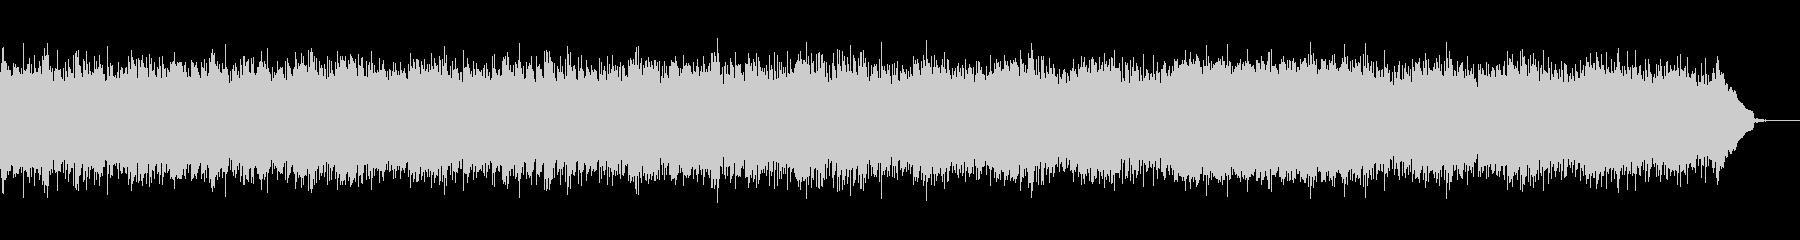 アコースティックセンチメンタル#32-1の未再生の波形